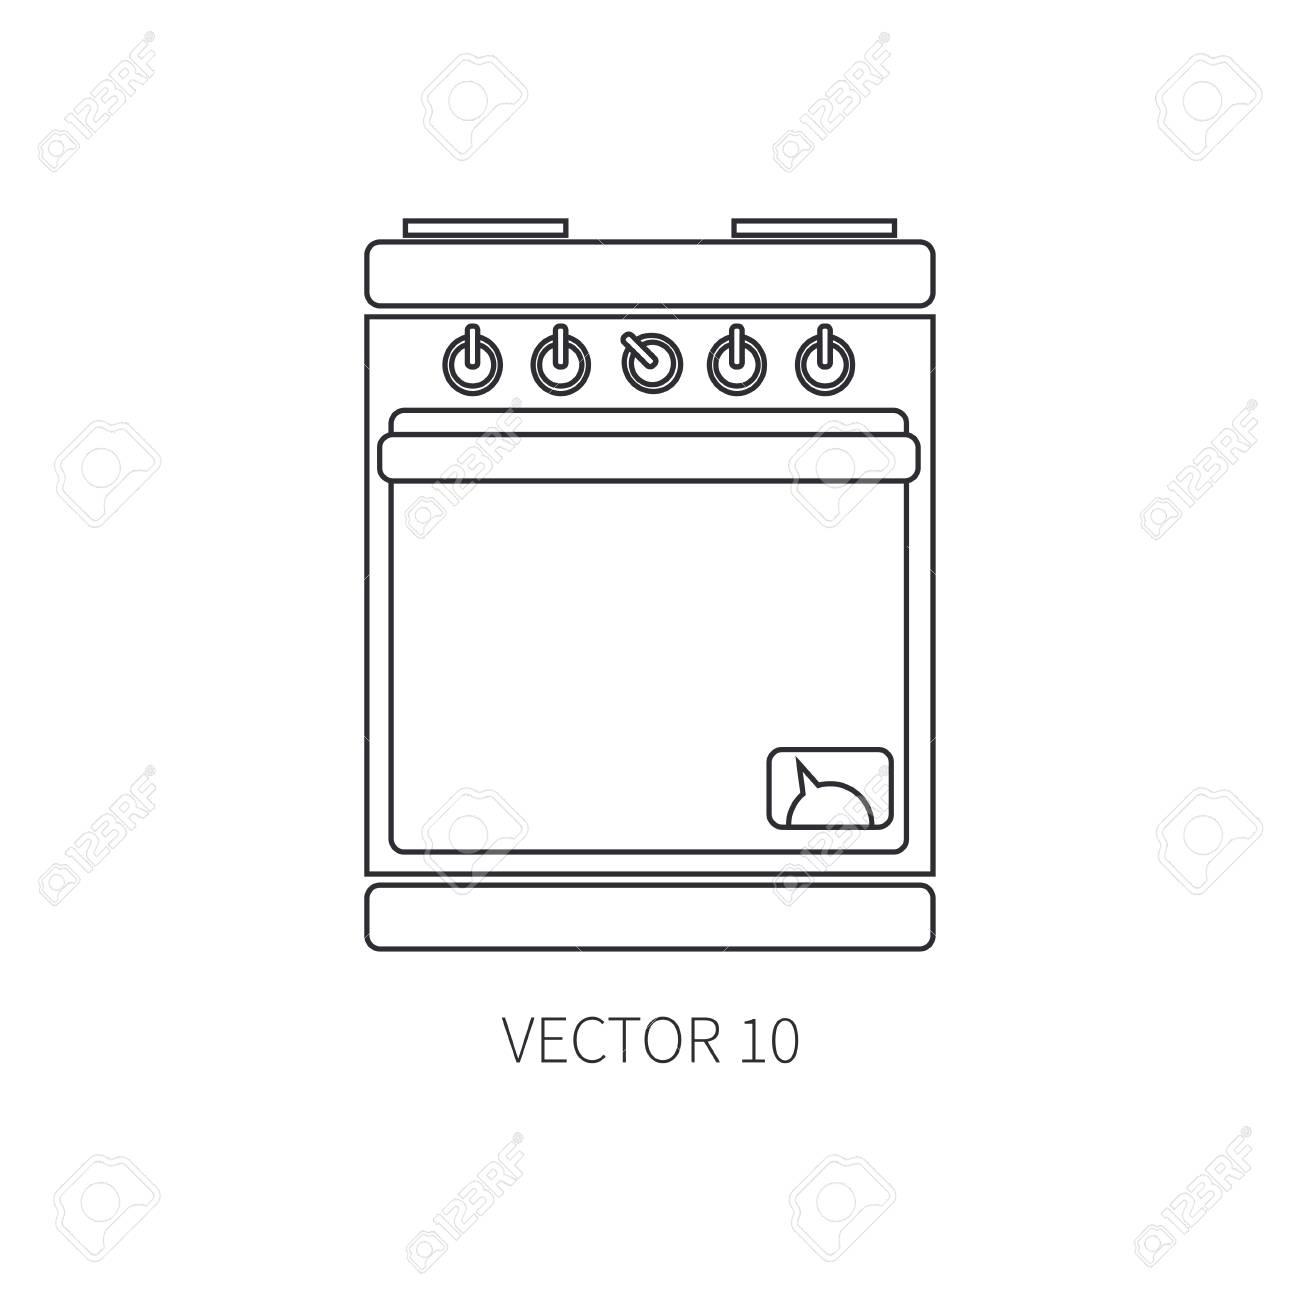 Ligne Plat Icones Vectorielles Ustensiles De Cuisine Four